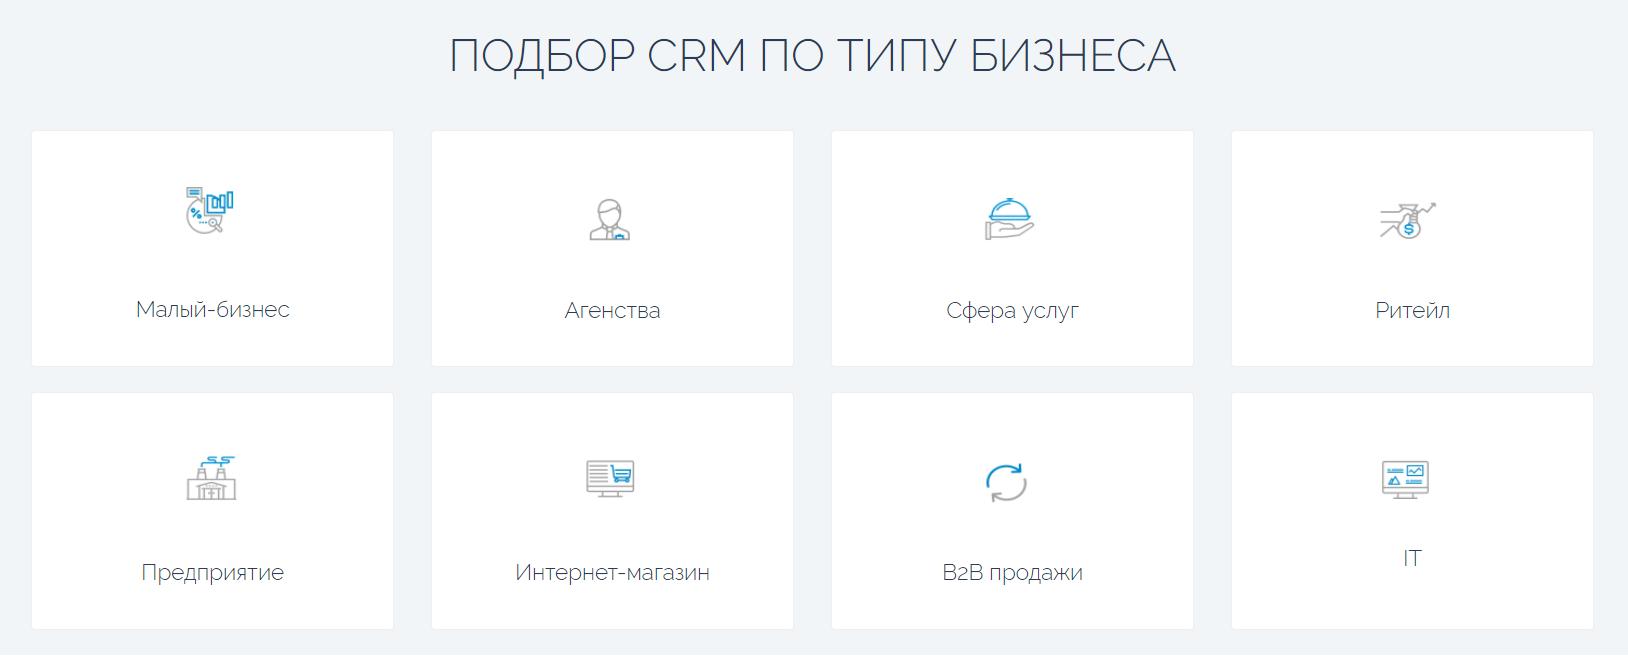 CRMindex подберет CRM систему по типу бизнеса.